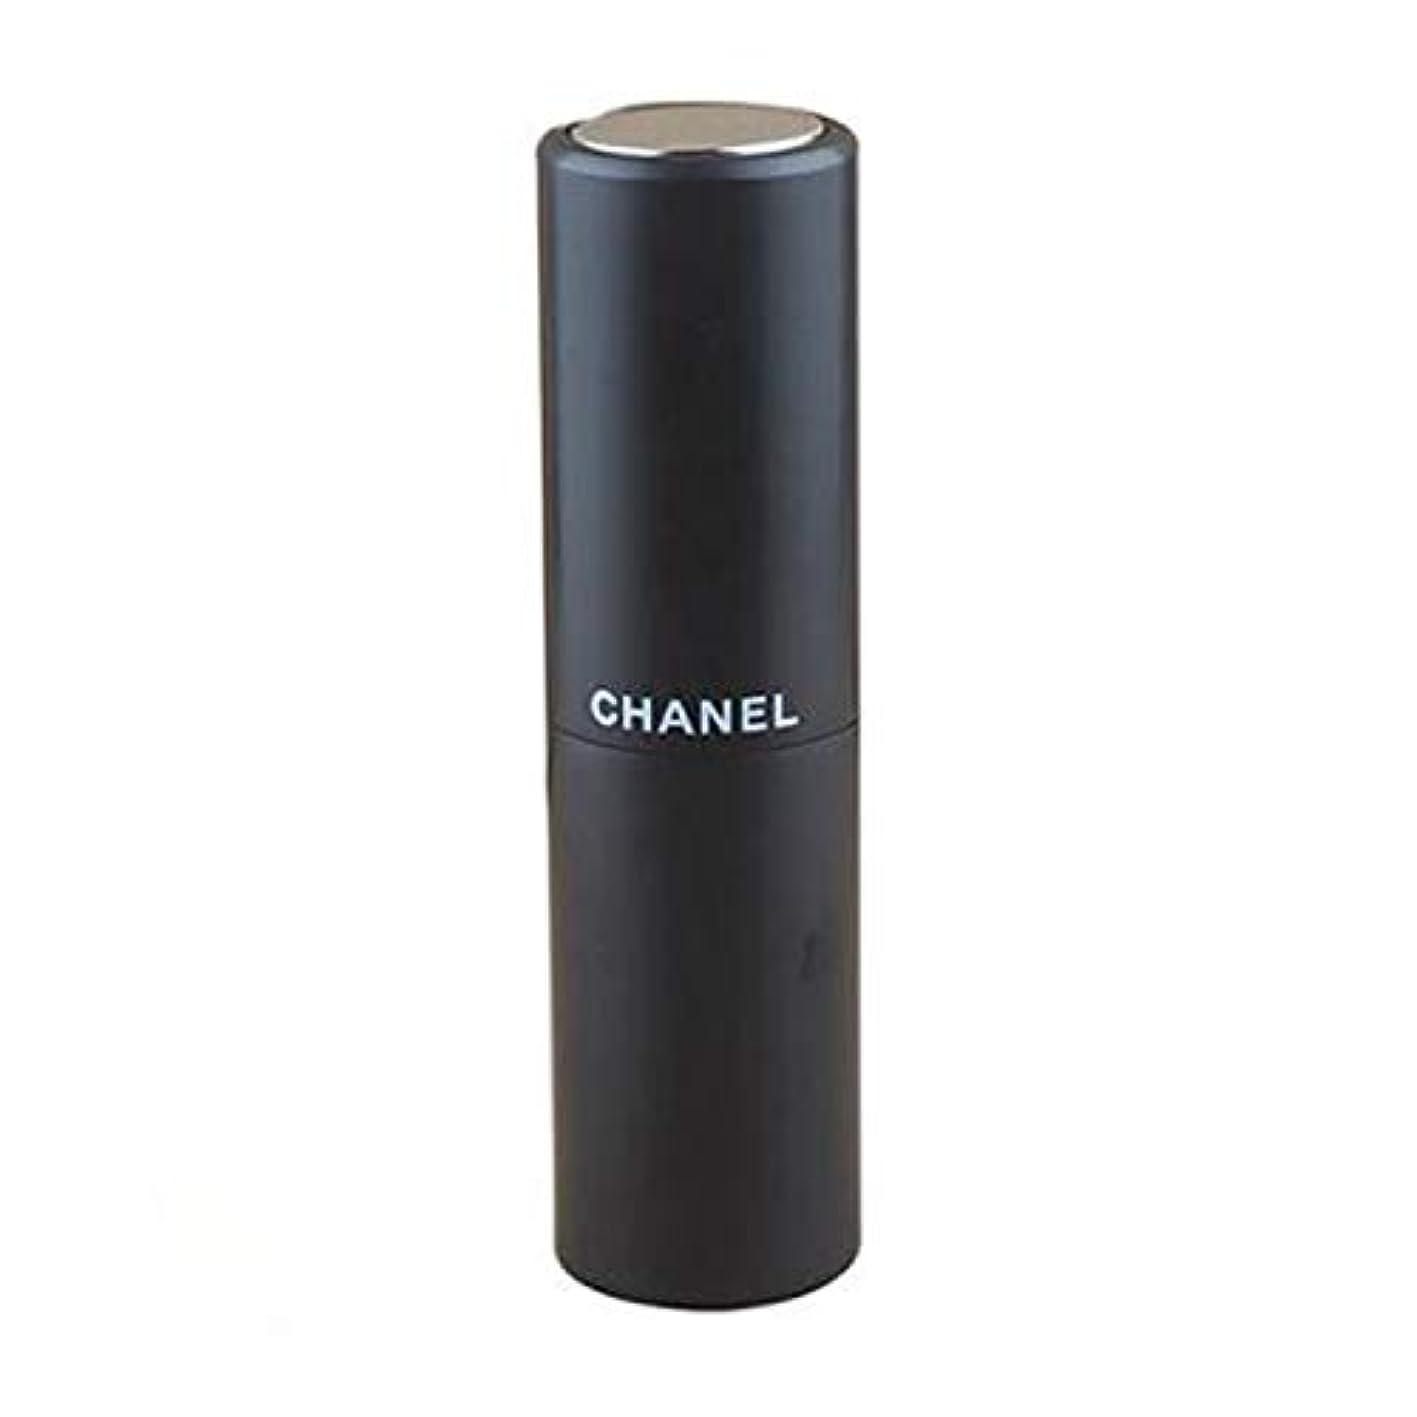 第言うショルダーアトマイザー 詰め替え SAWANT アトマイザー 香水 容器香水詰め替え ボトル スプレー 男女兼用香水 ボトル ブラック 20ML …